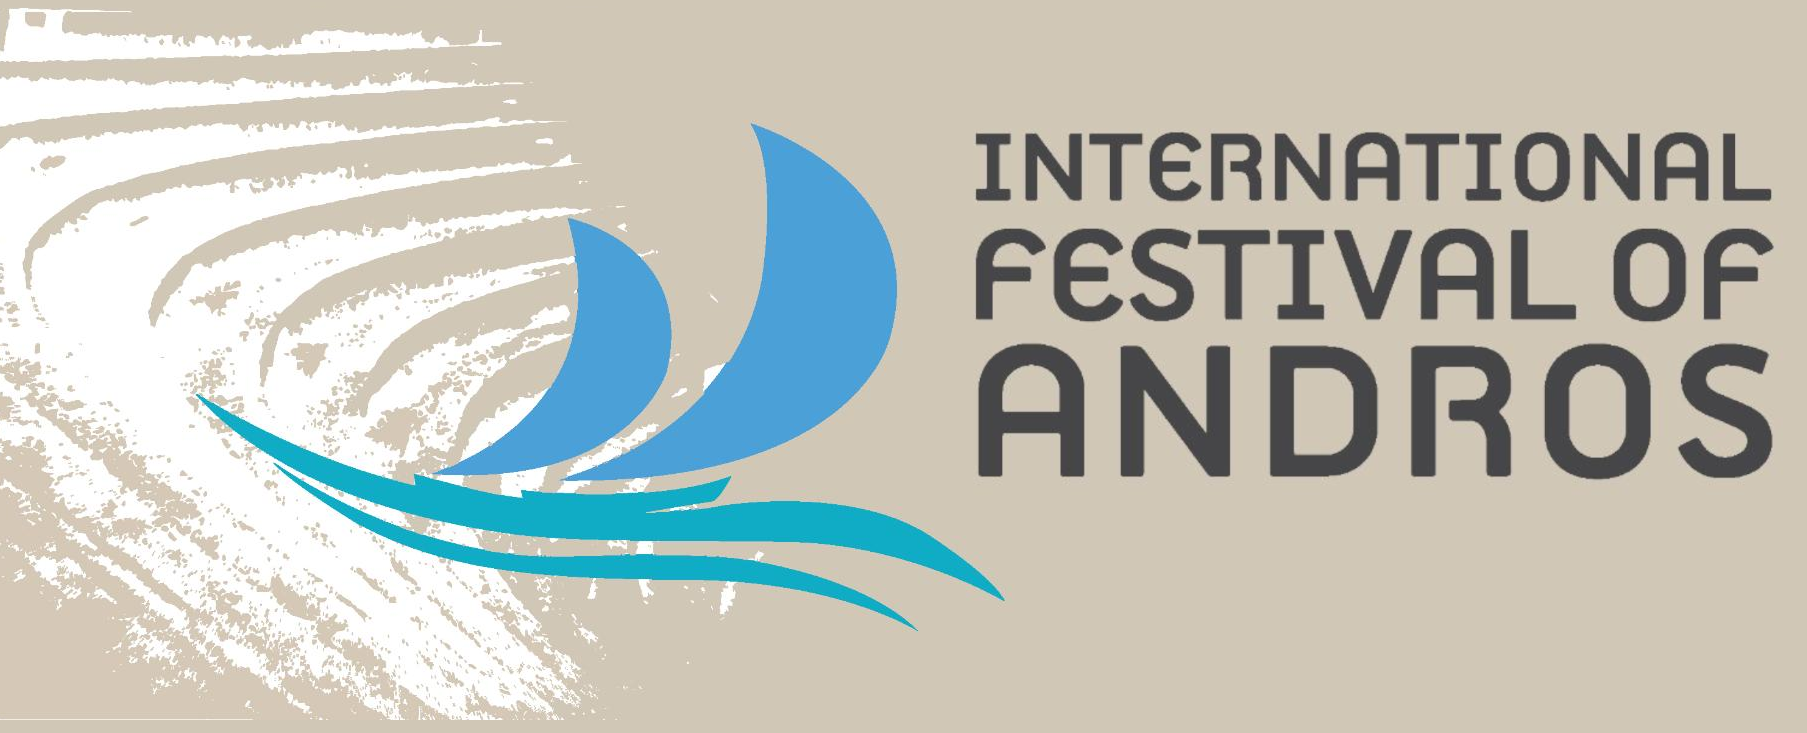 Επίσημος ιστότοπος του Διεθνούς Φεστιβάλ Άνδρου